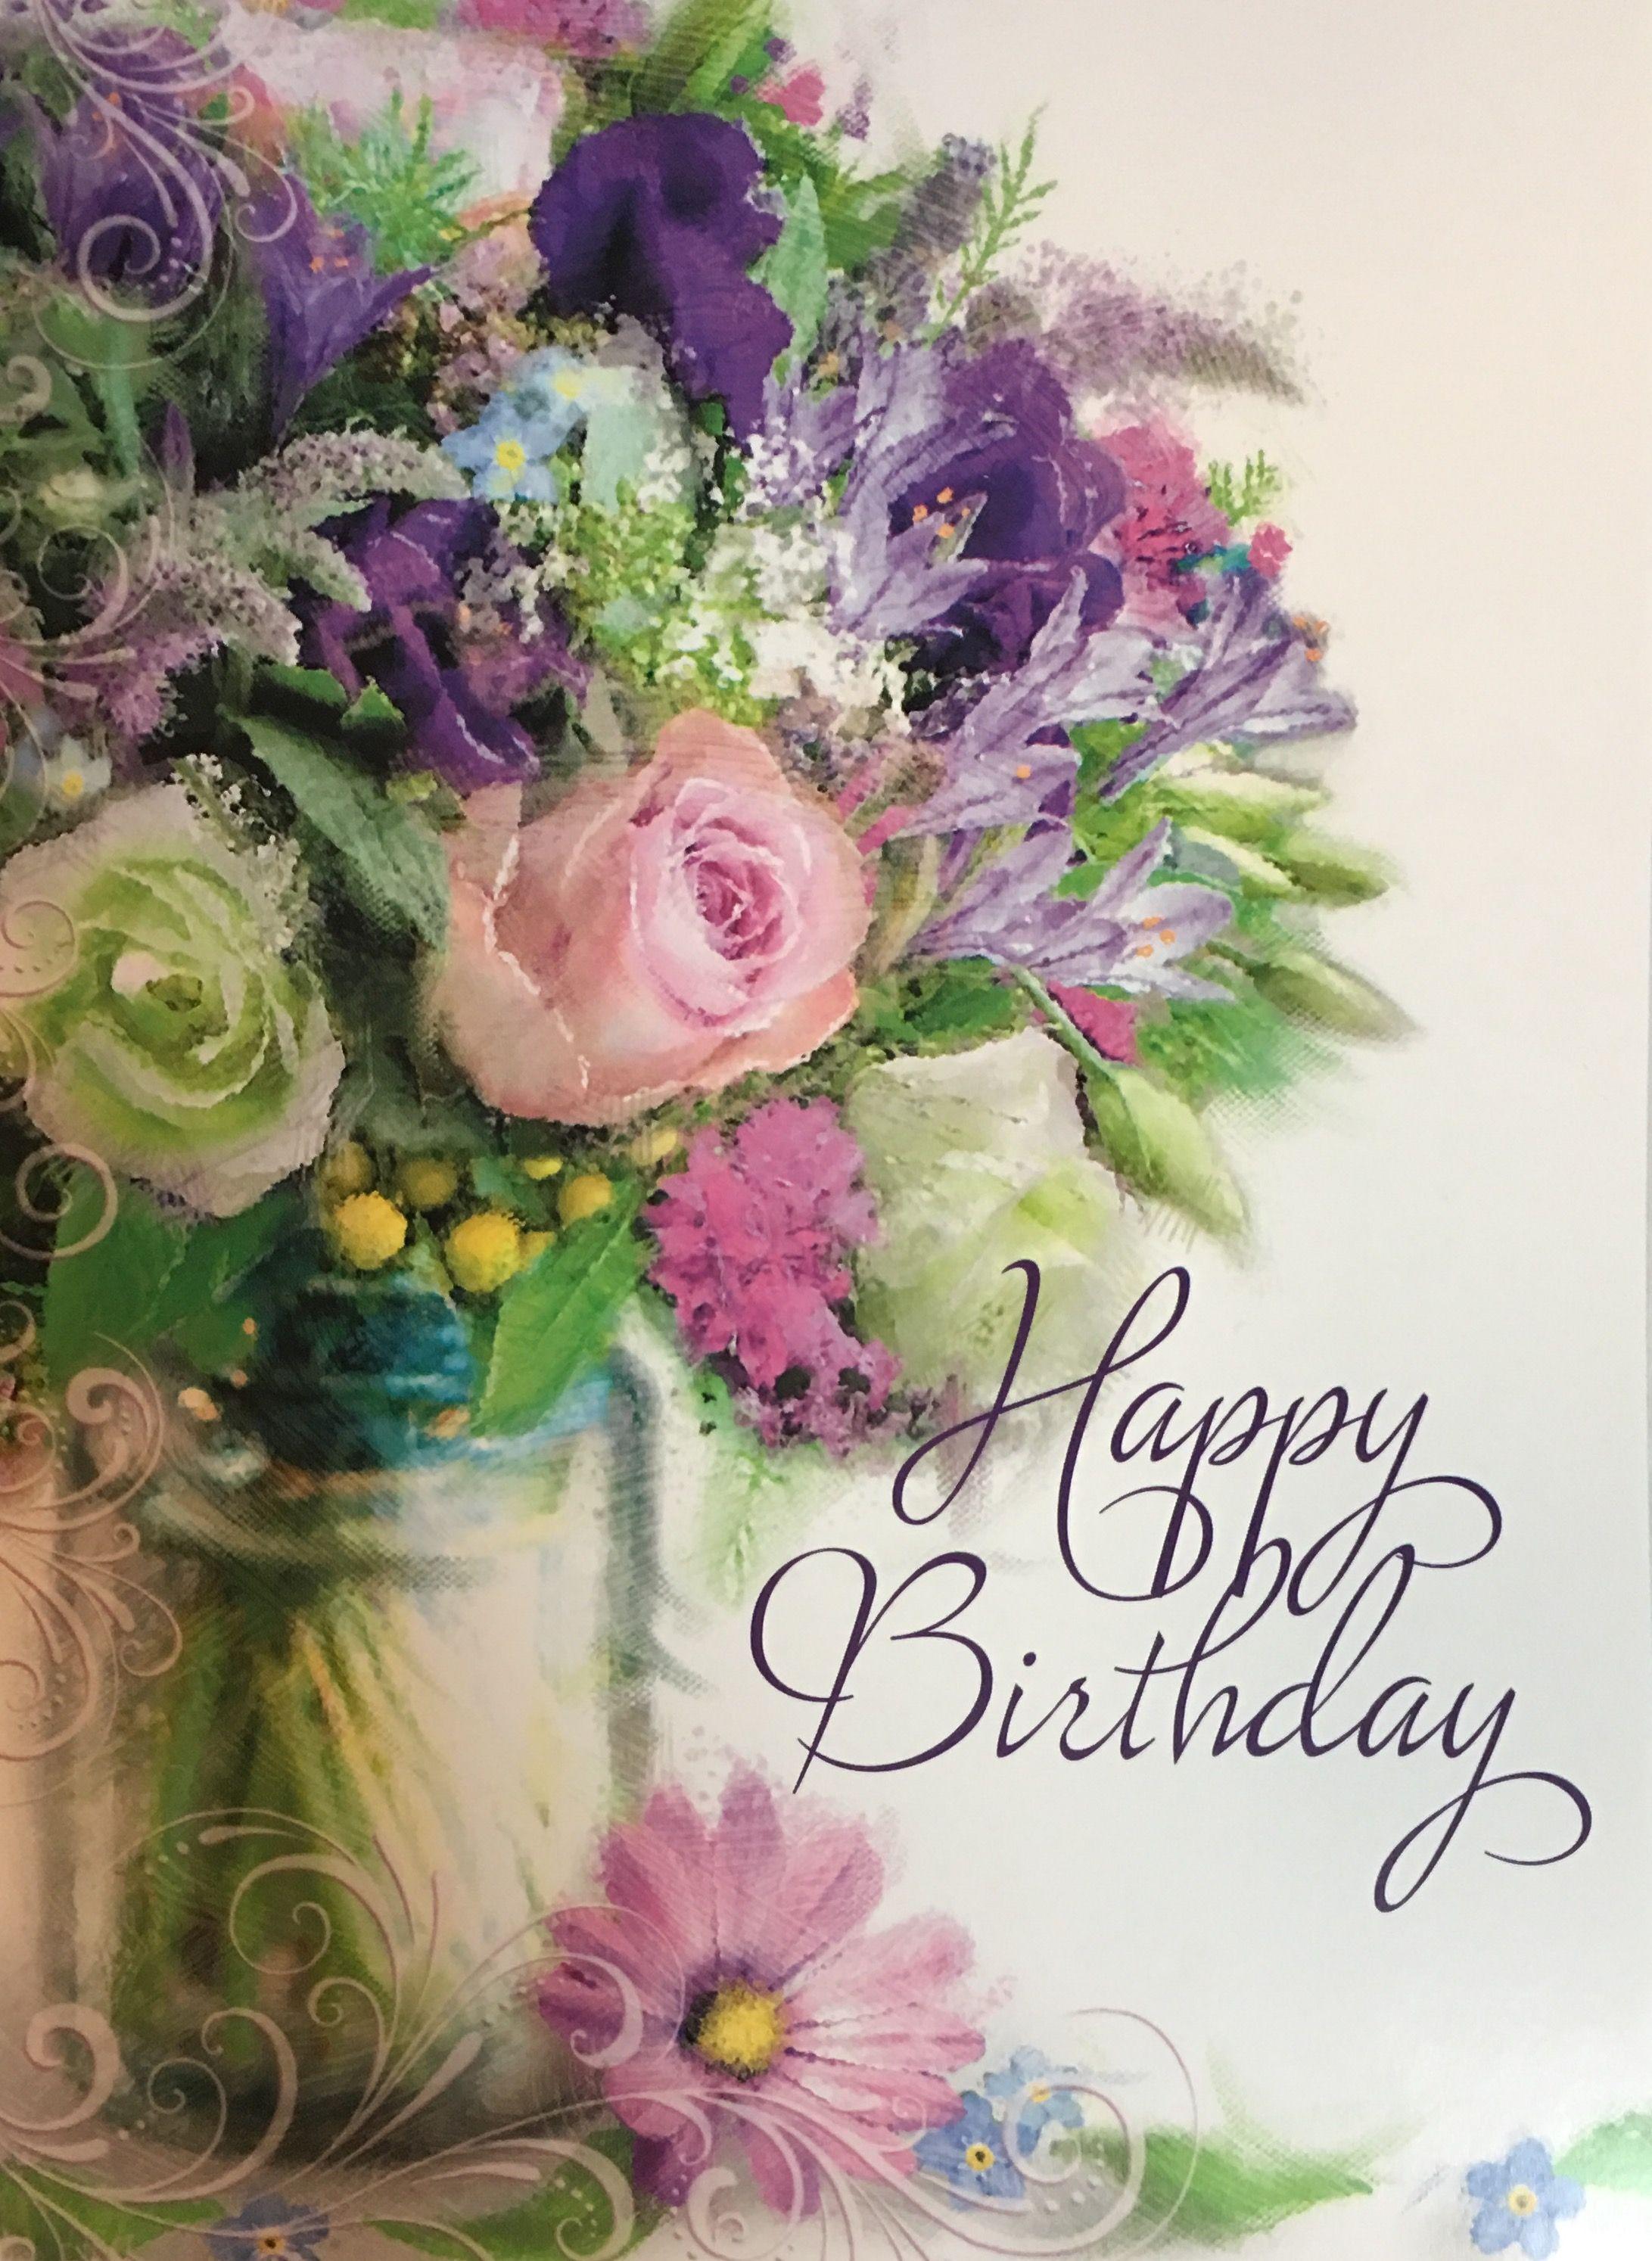 Blumen Zum Runden Geburtstagblumen Geburtstag Skr03blumen Schicken